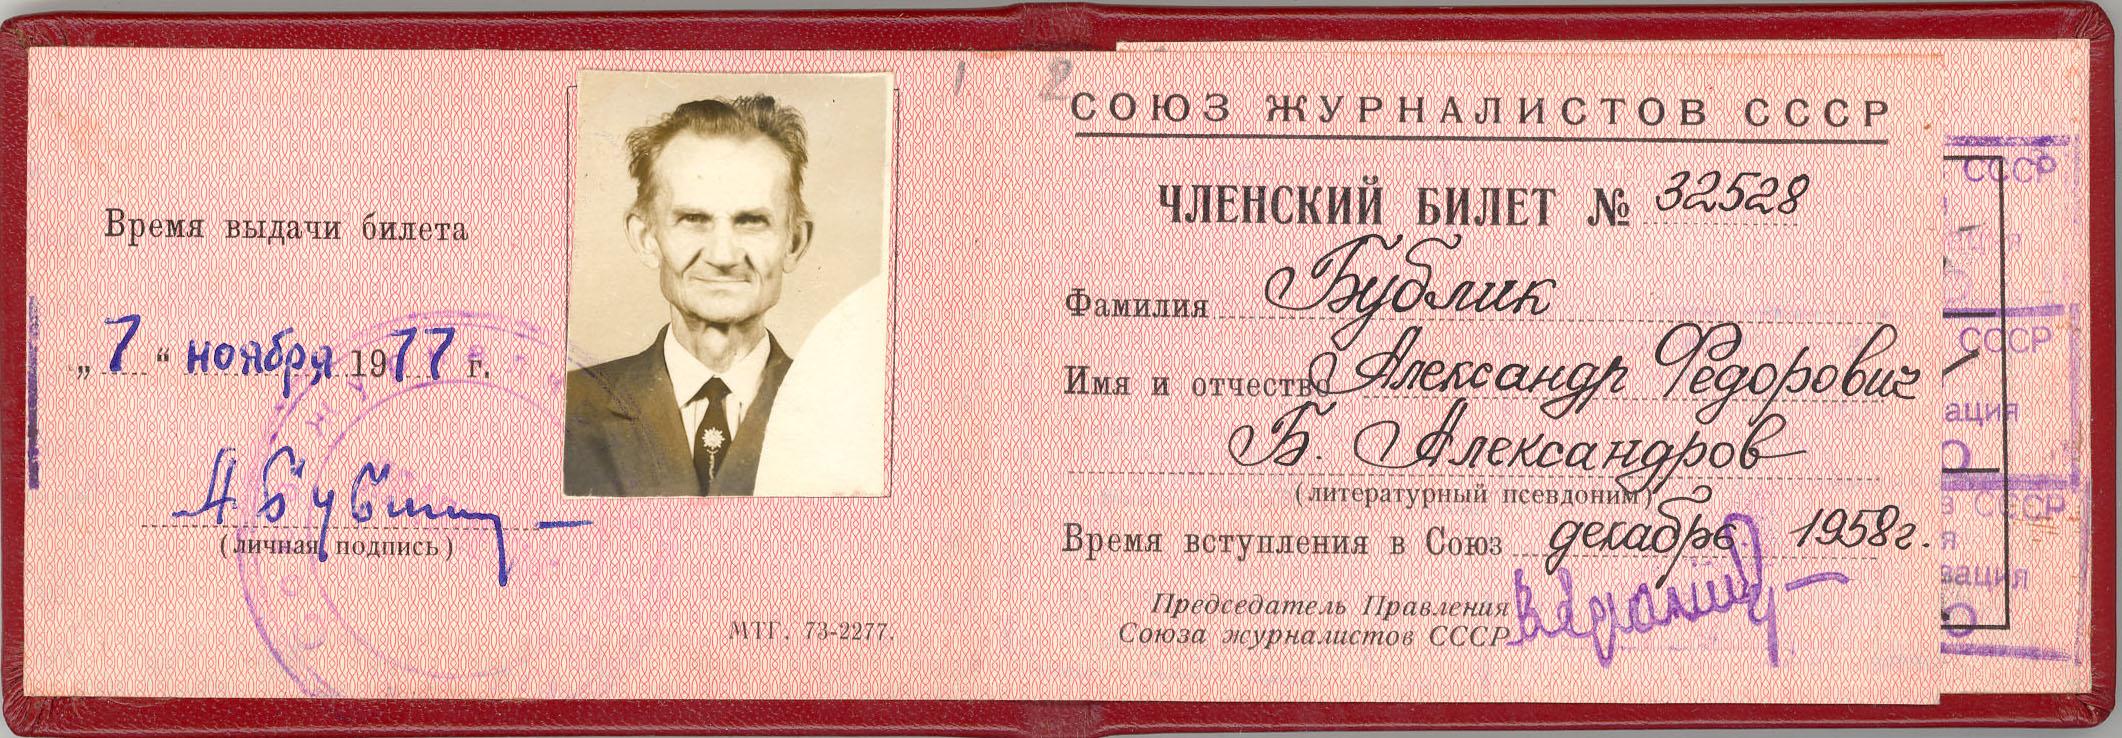 Билет членский Союза журналистов СССР № 32528